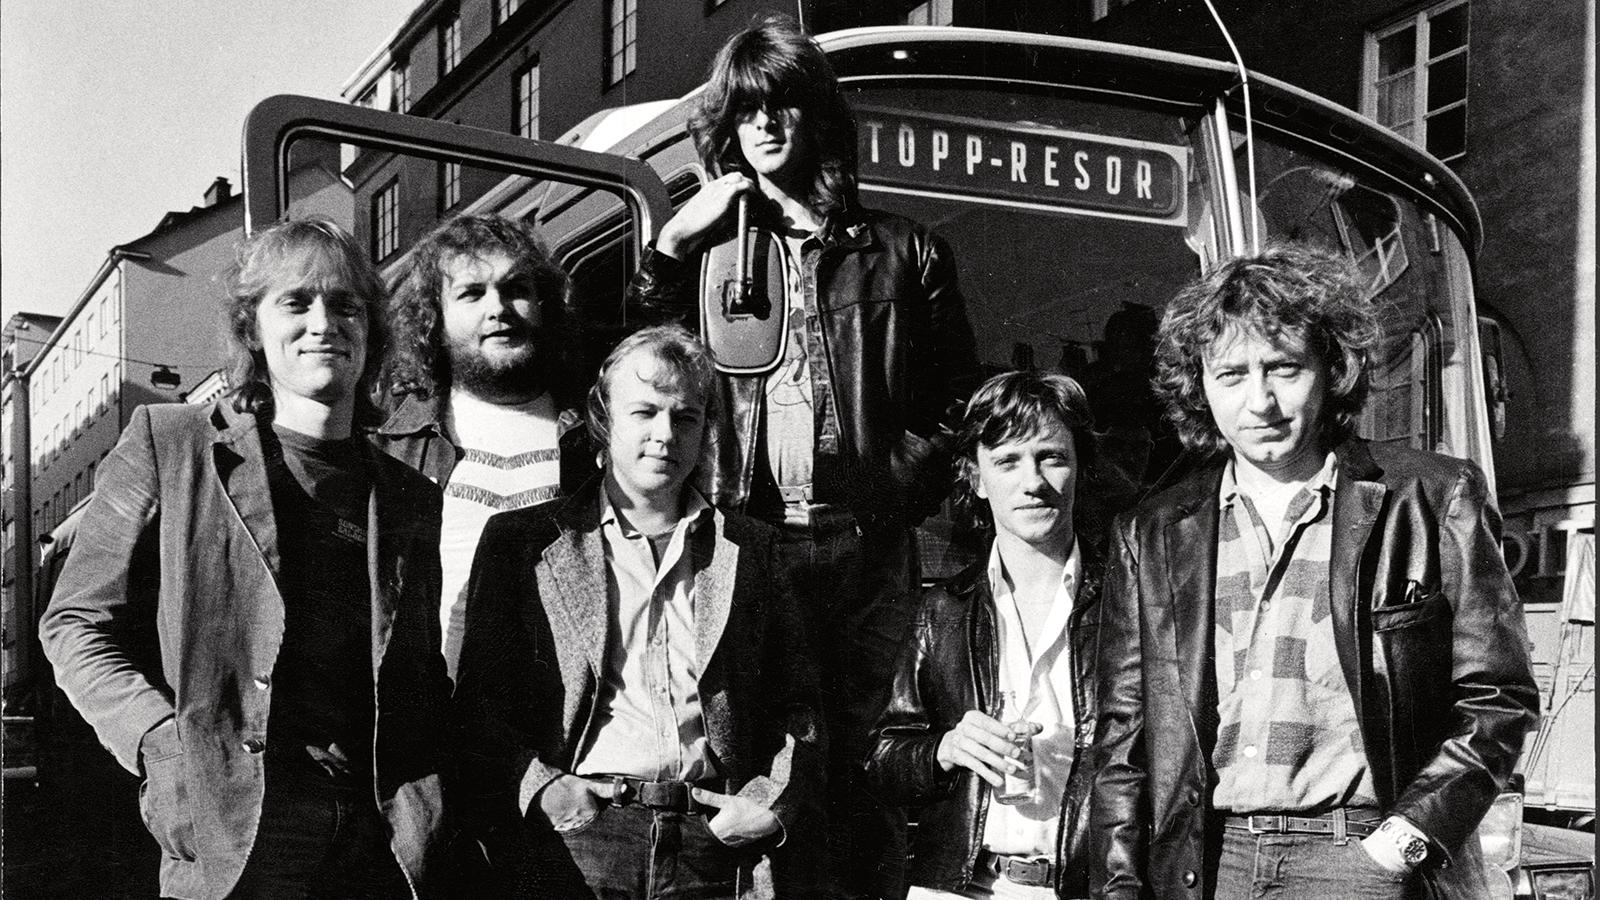 Ulf Lundell med band 1980. Från vänster Hans Olsson, Ingemar Dunker, Lasse Lindbom, Niklas Strömstedt, Mats Ronander och Ulf Lundell